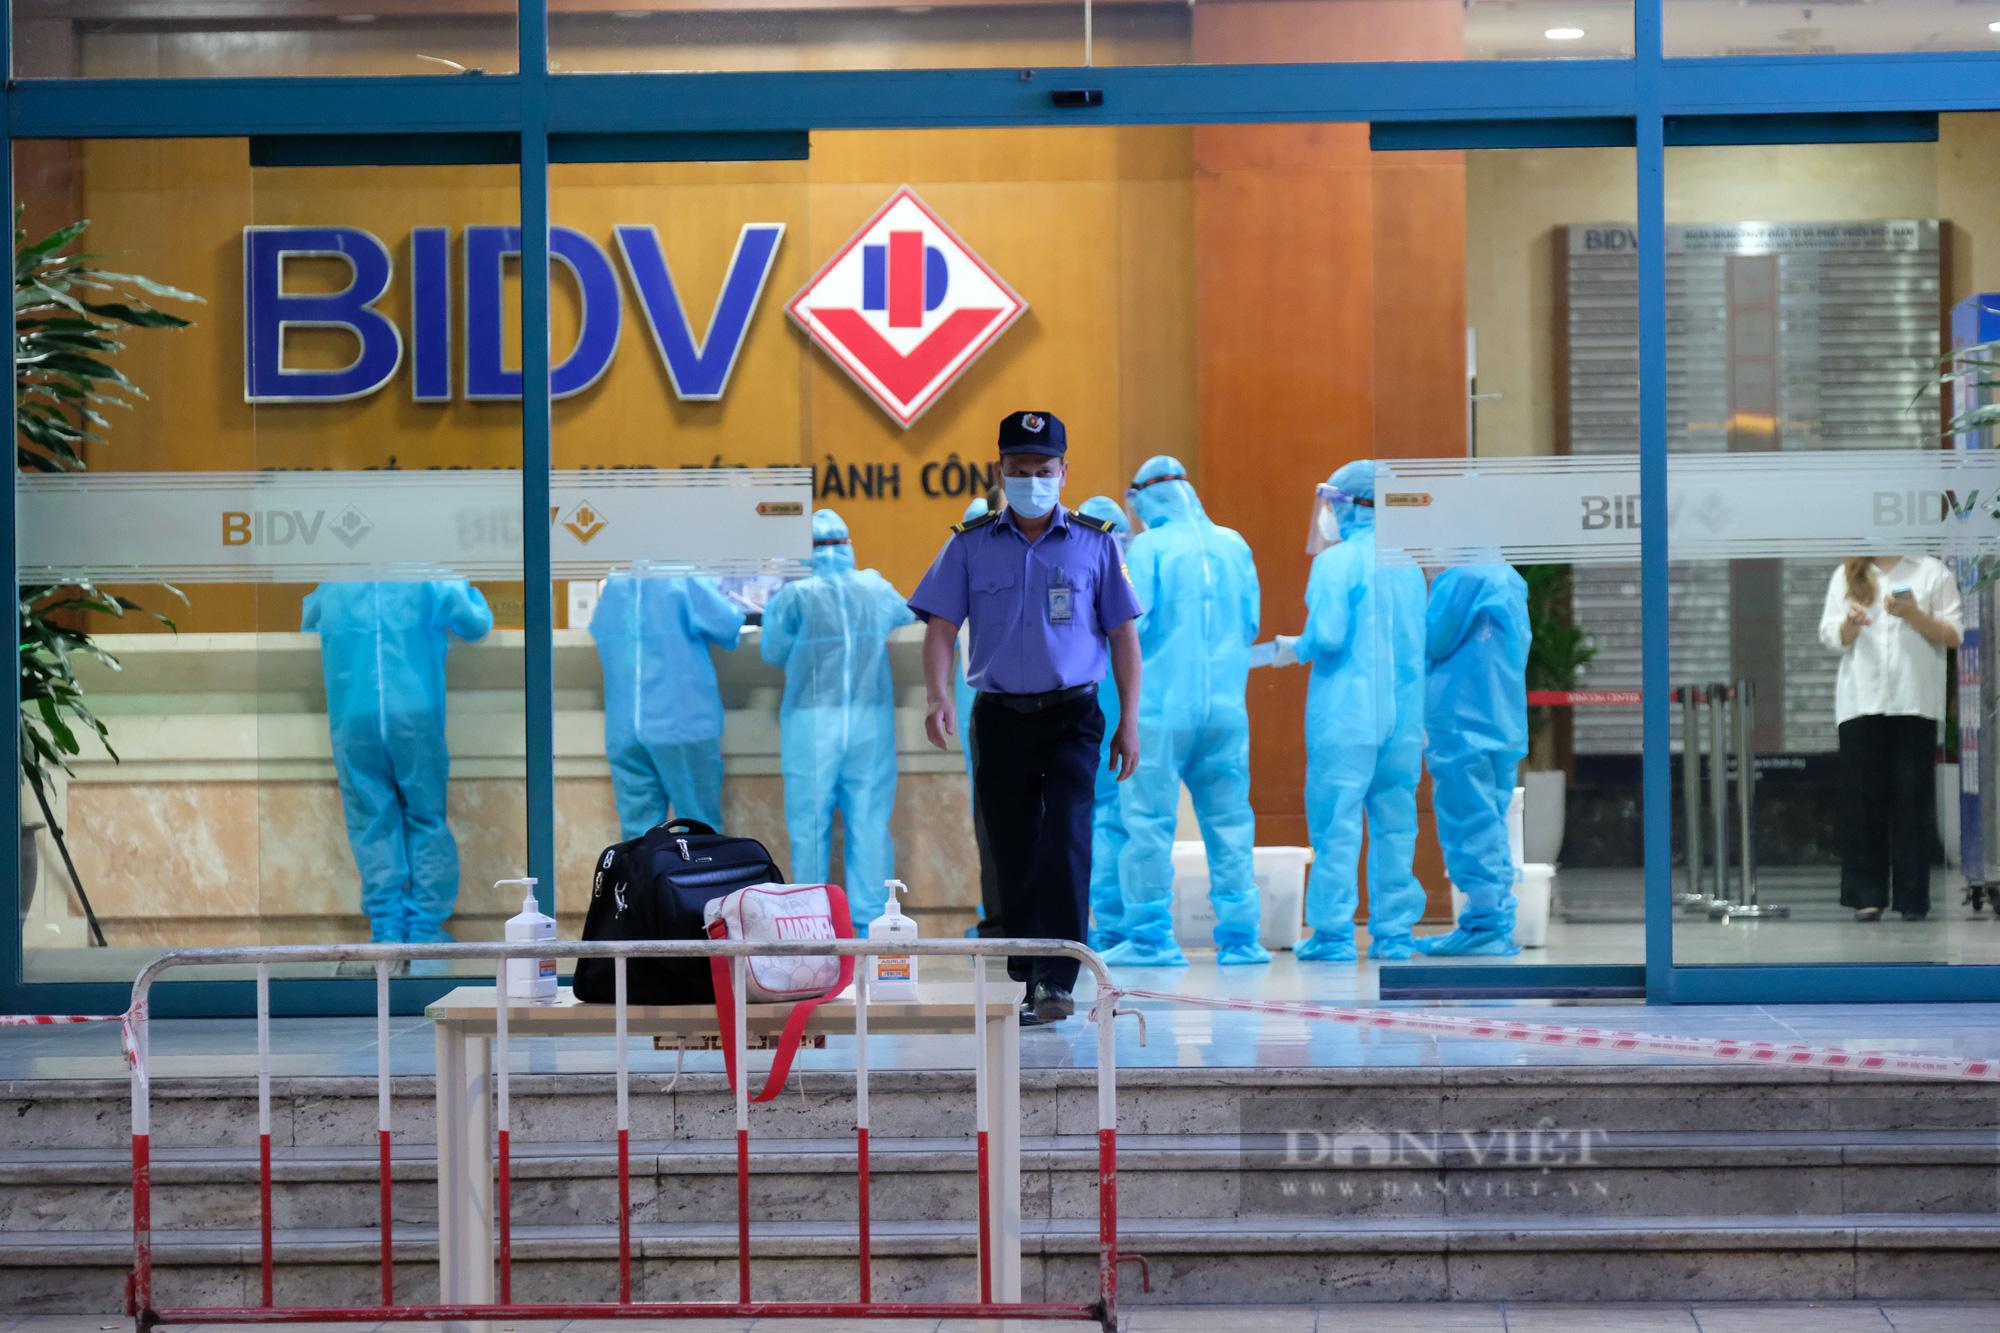 Khẩn trương truy vết người bị nghi nhiễm Covid-19 tại Vincom Bà Triệu - Ảnh 4.